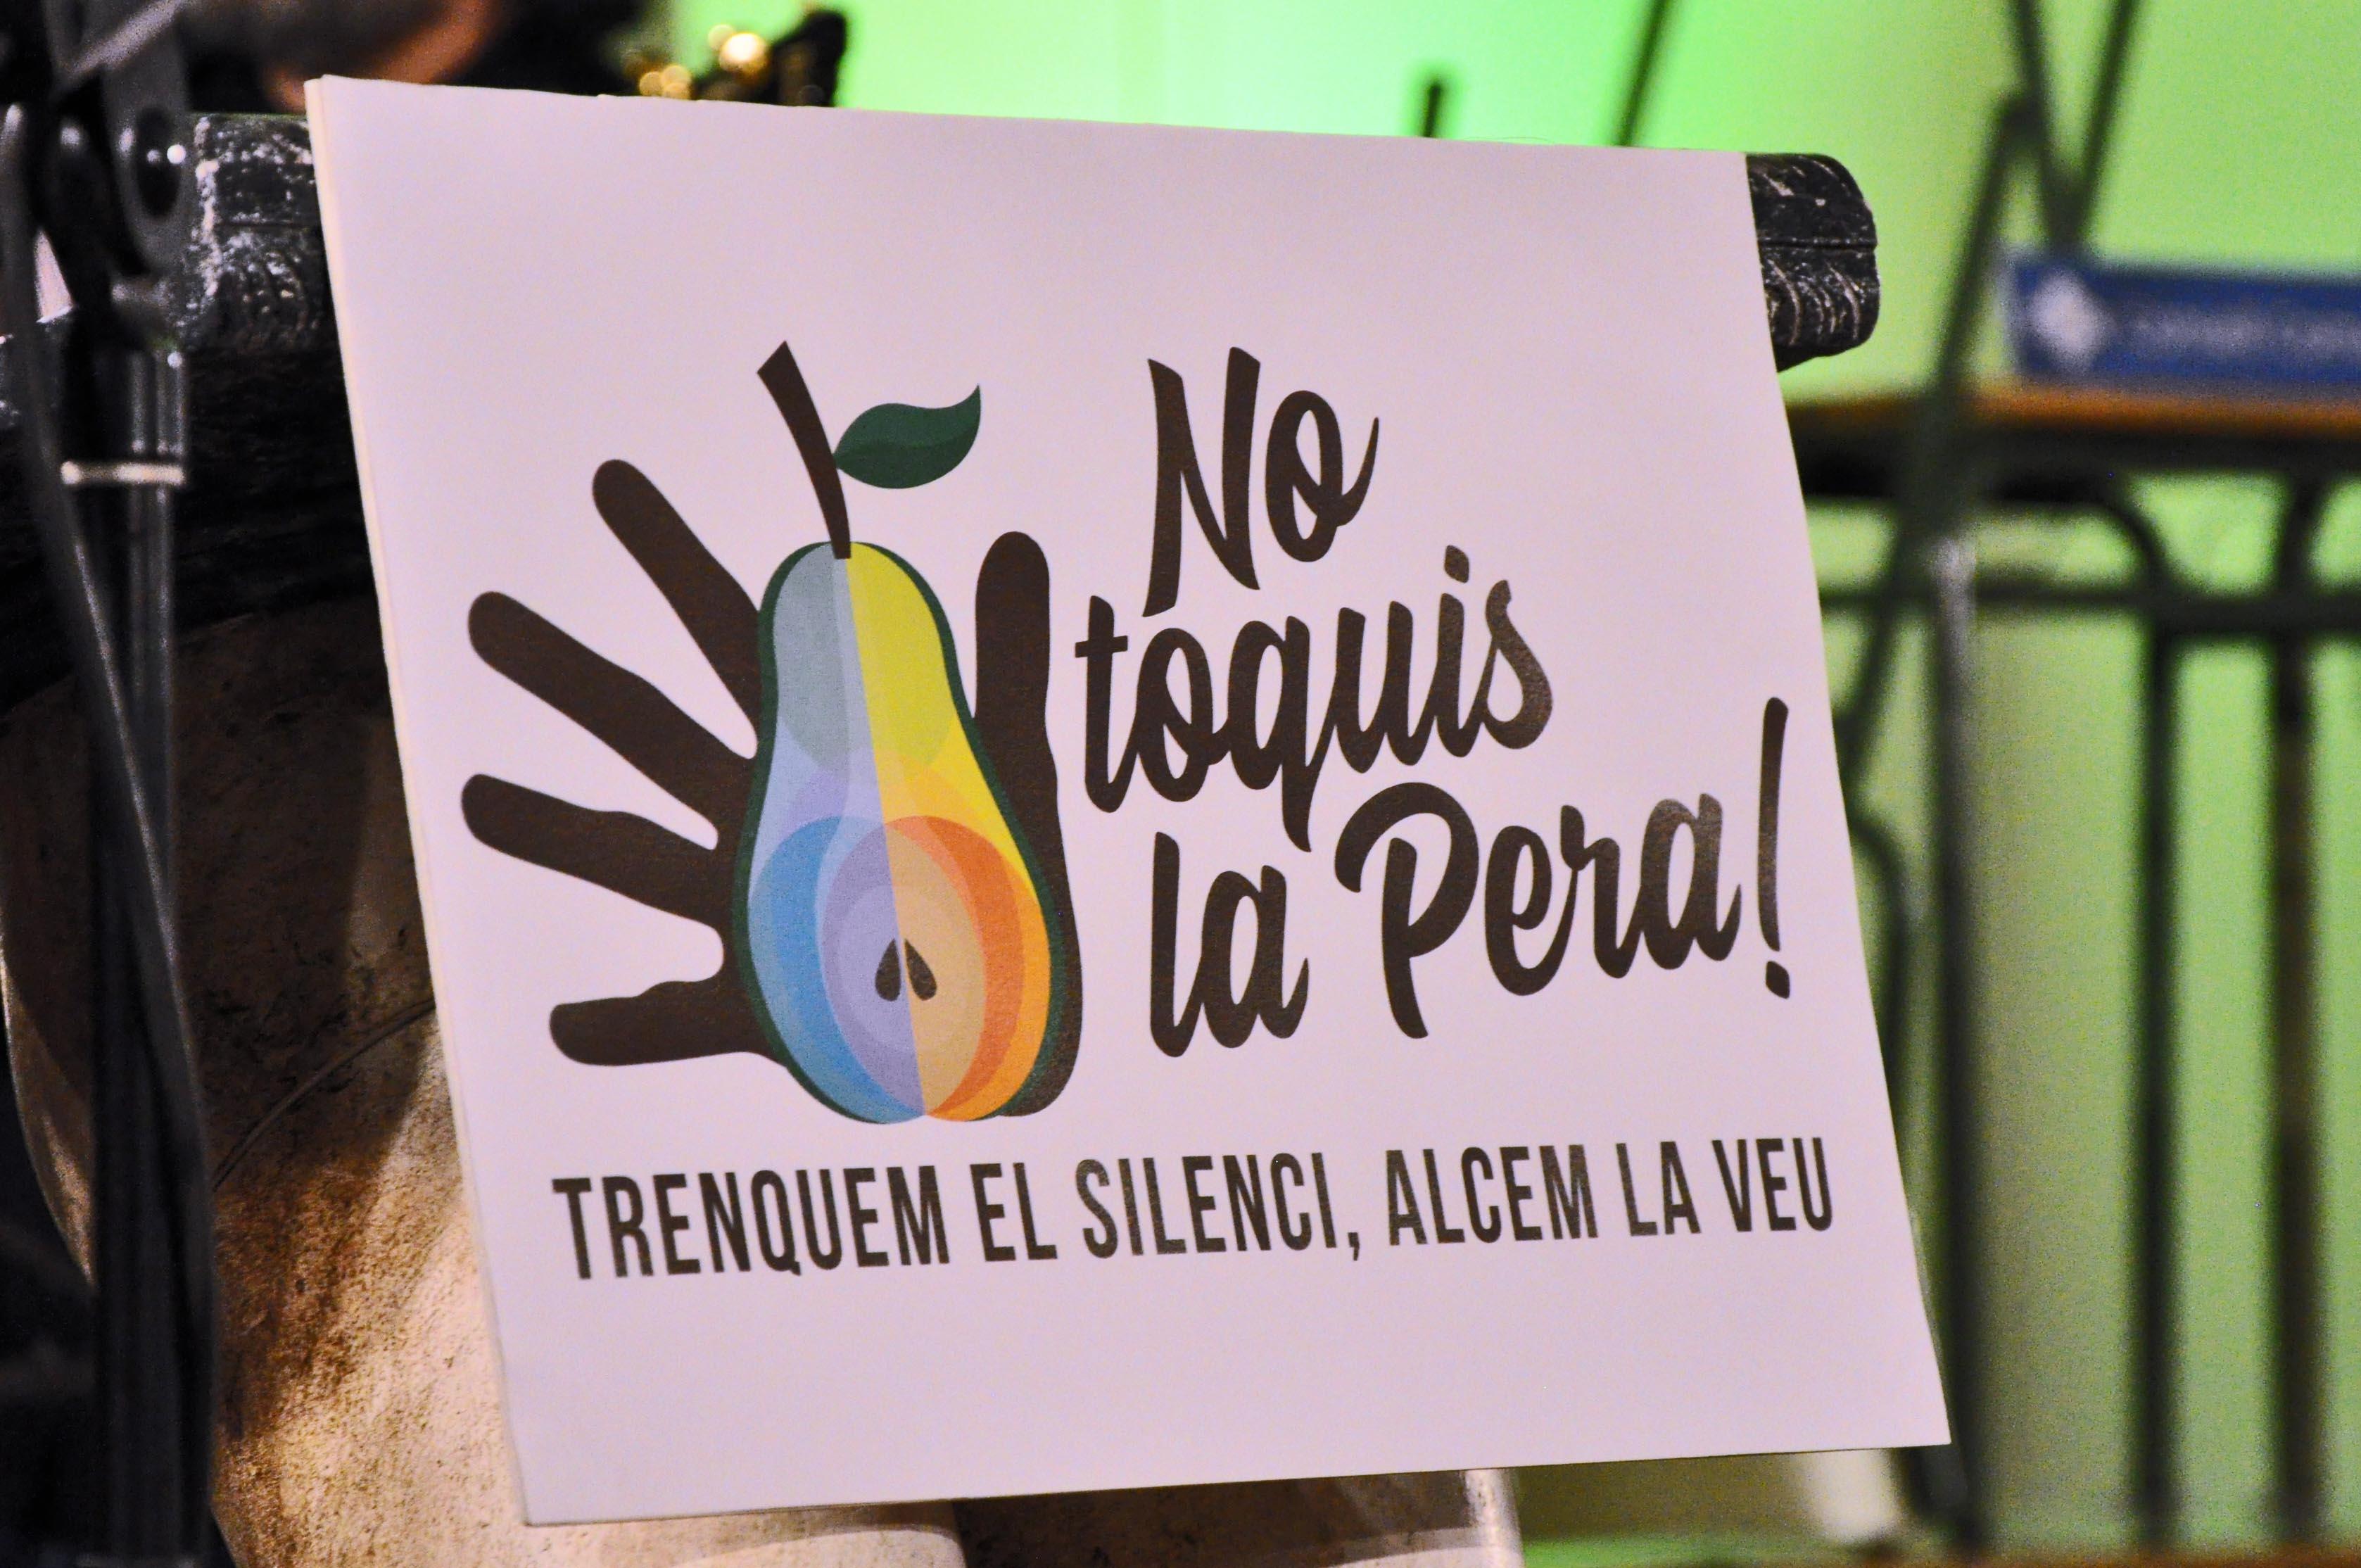 Campanya contra les agressions sexistes No toquis la pera